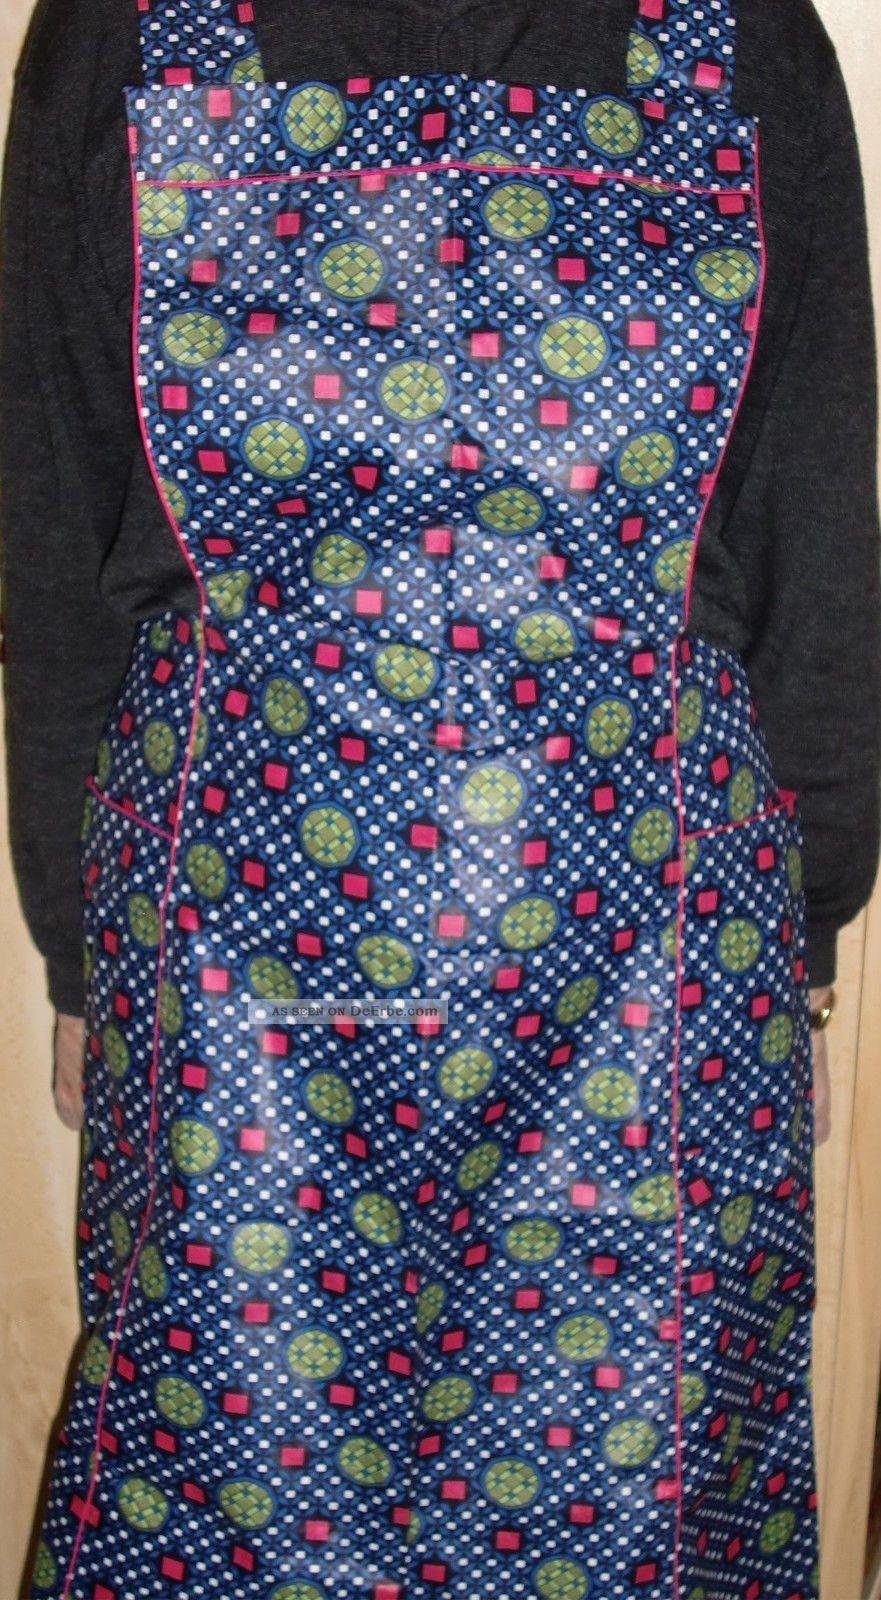 Speicherfund Kuchenschurze Tragerschurze Bunt Vintage Mode Oma S Nachlass